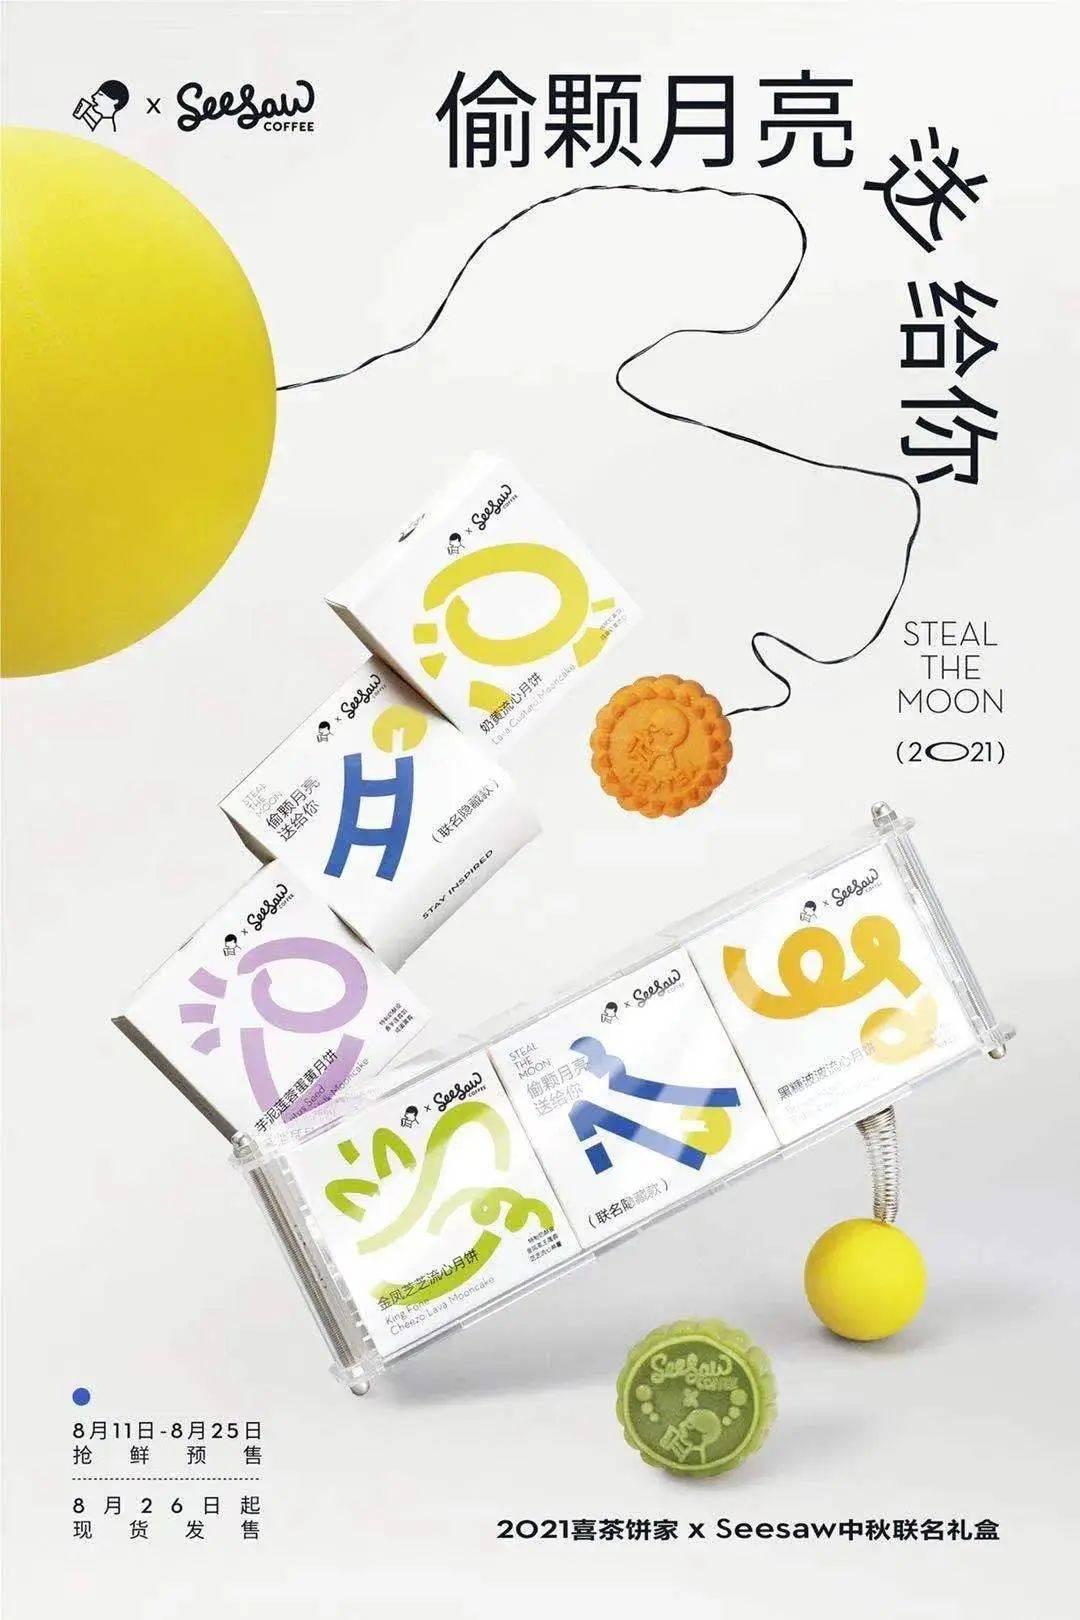 鸟哥笔记,广告创意,烧脑广告,美食,美食,设计,包装设计